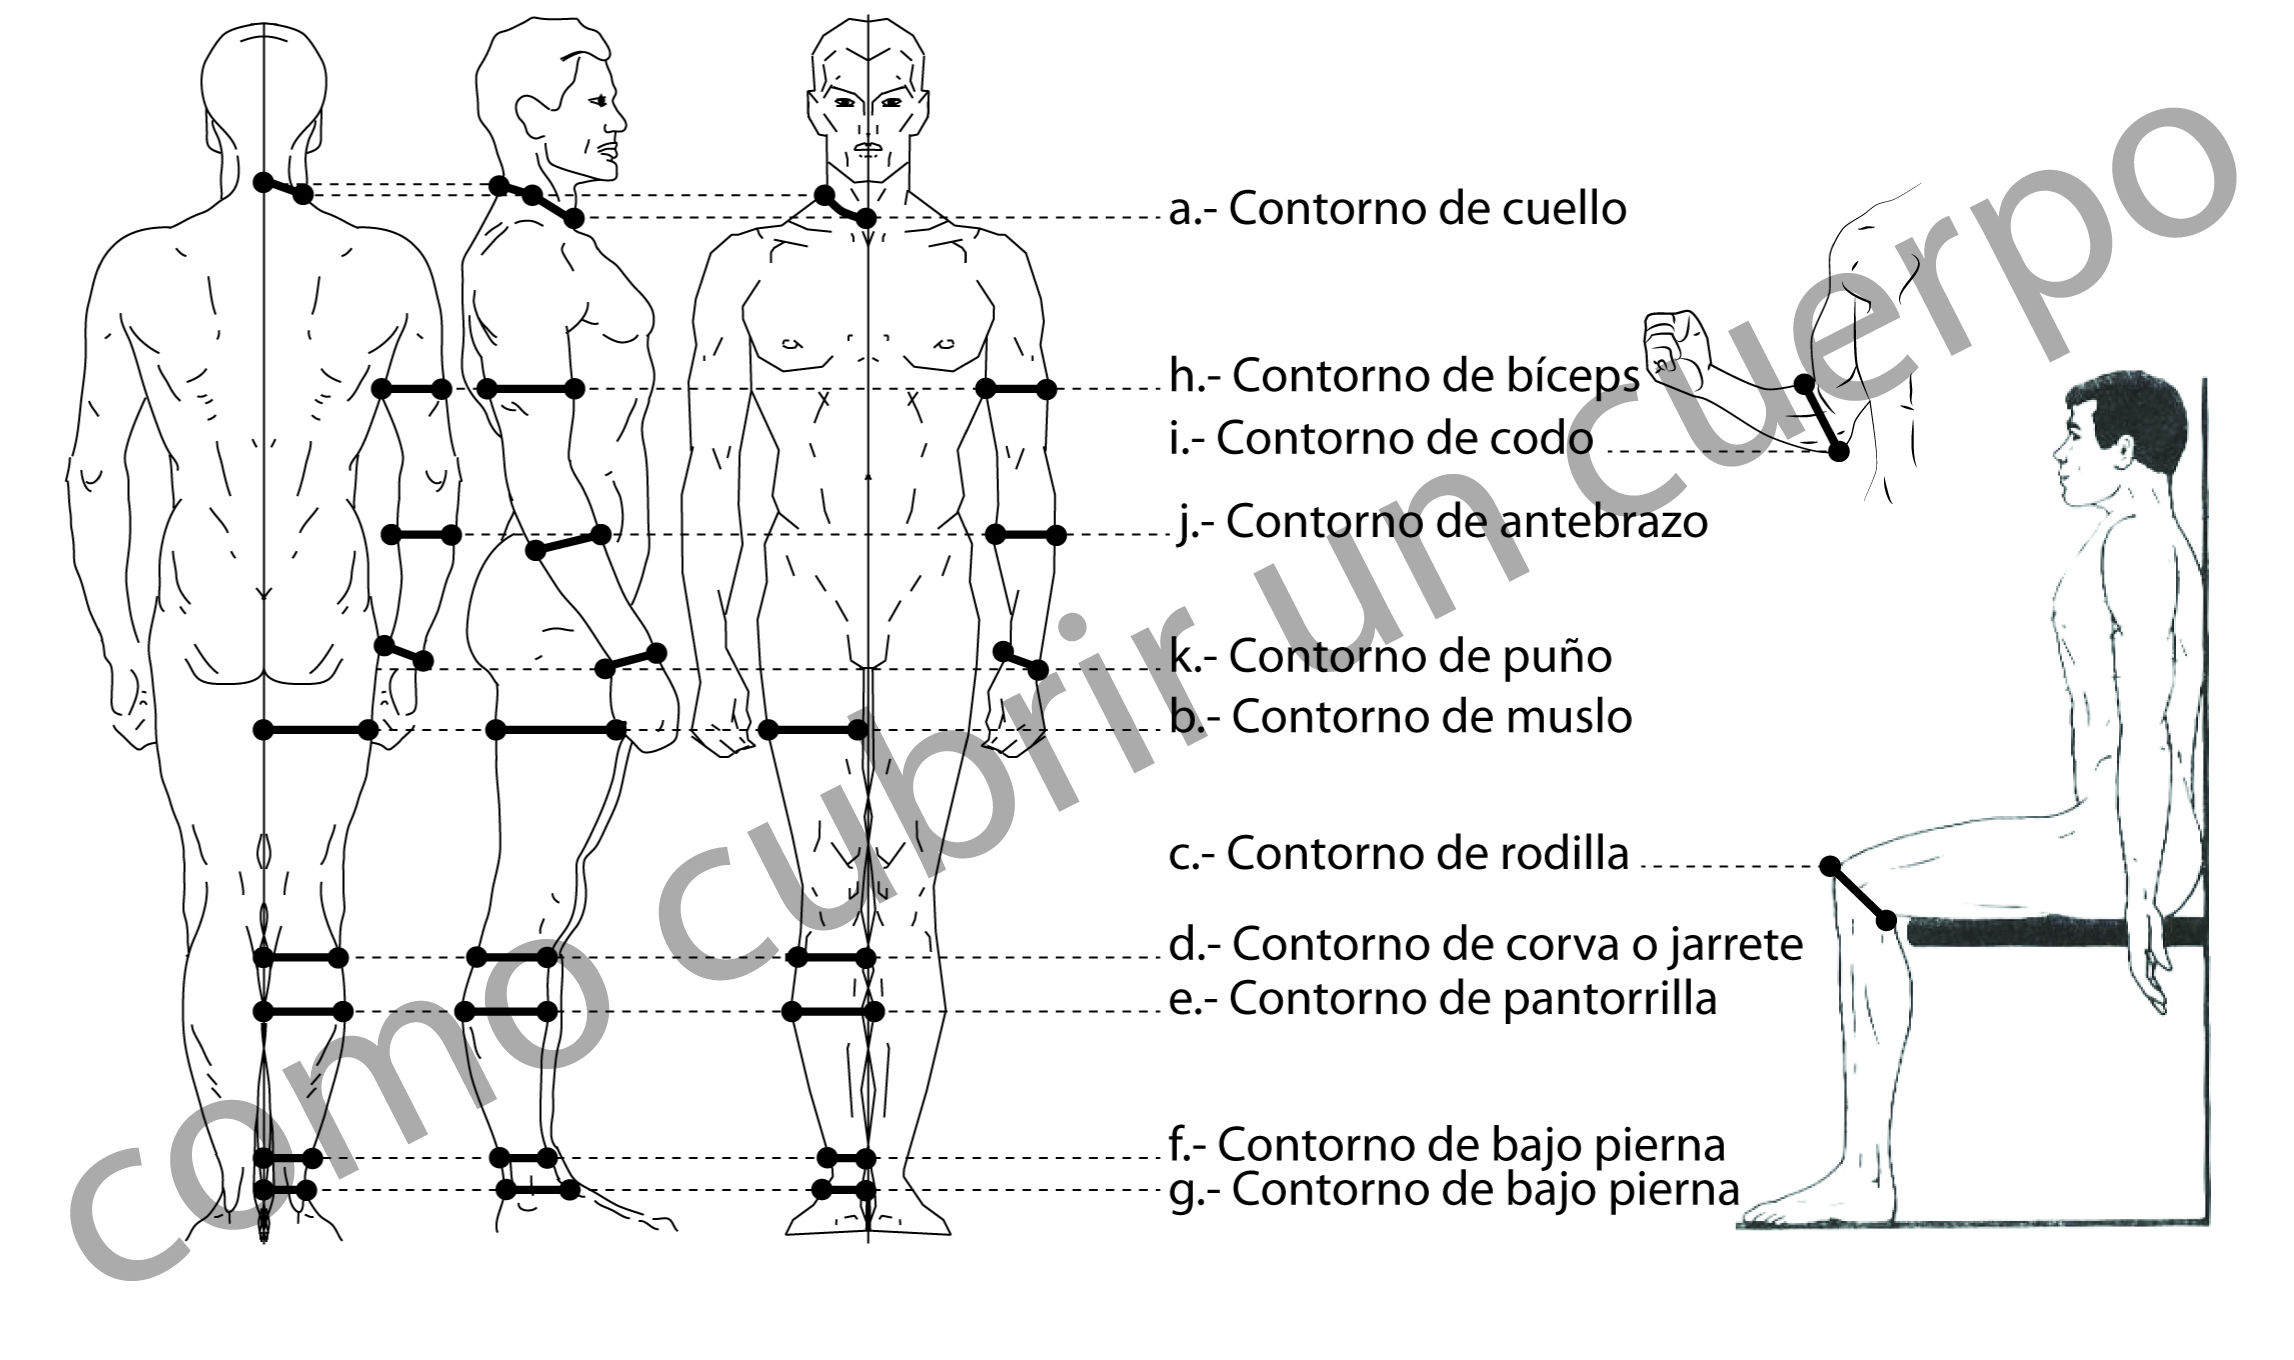 comocubriruncuerpo | Cómo cubrir un cuerpo | Página 10